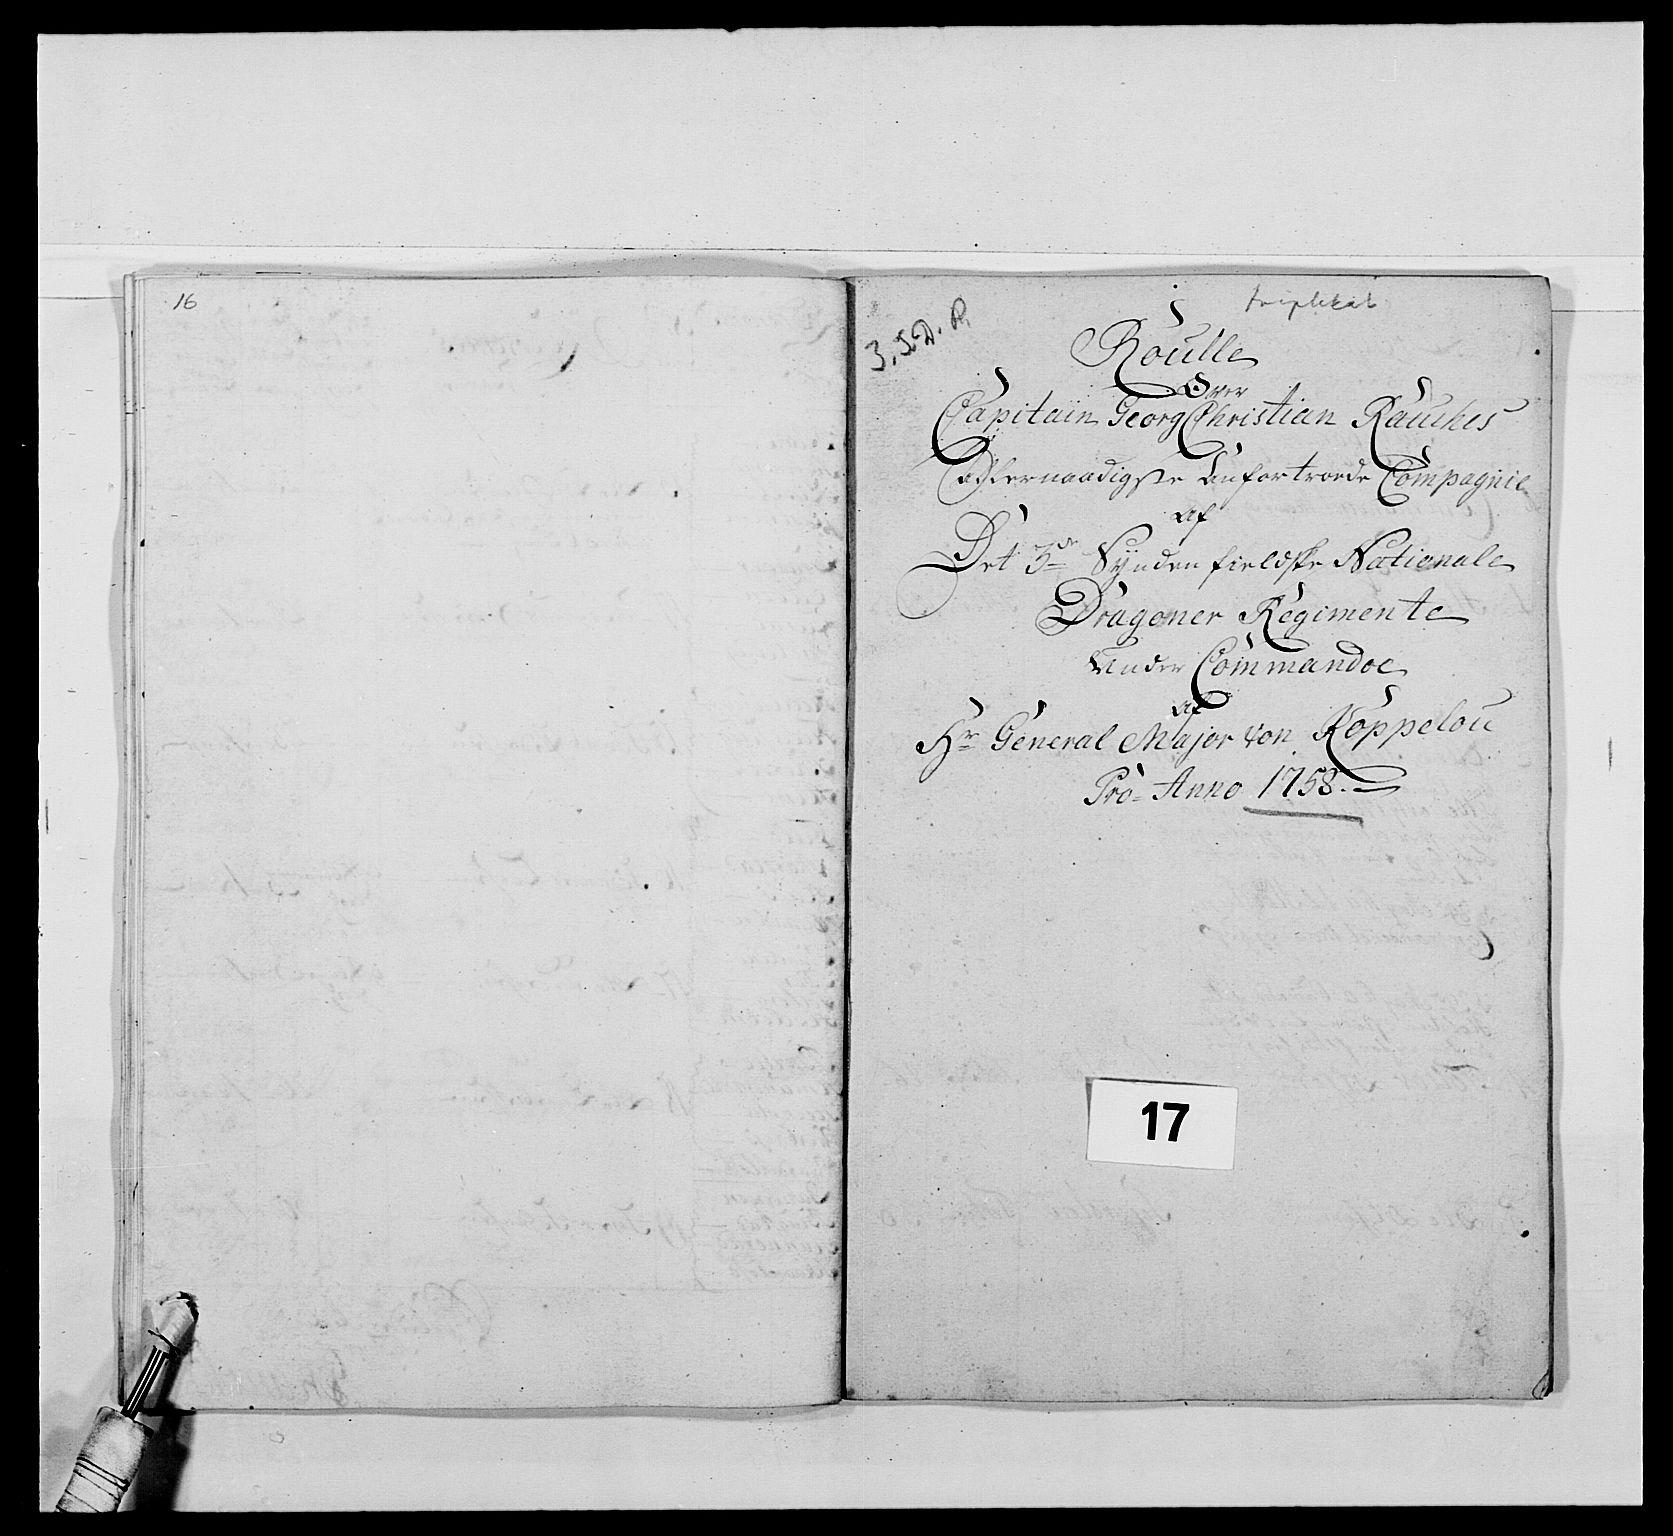 RA, Kommanderende general (KG I) med Det norske krigsdirektorium, E/Ea/L0479: 3. Sønnafjelske dragonregiment, 1756-1760, s. 320